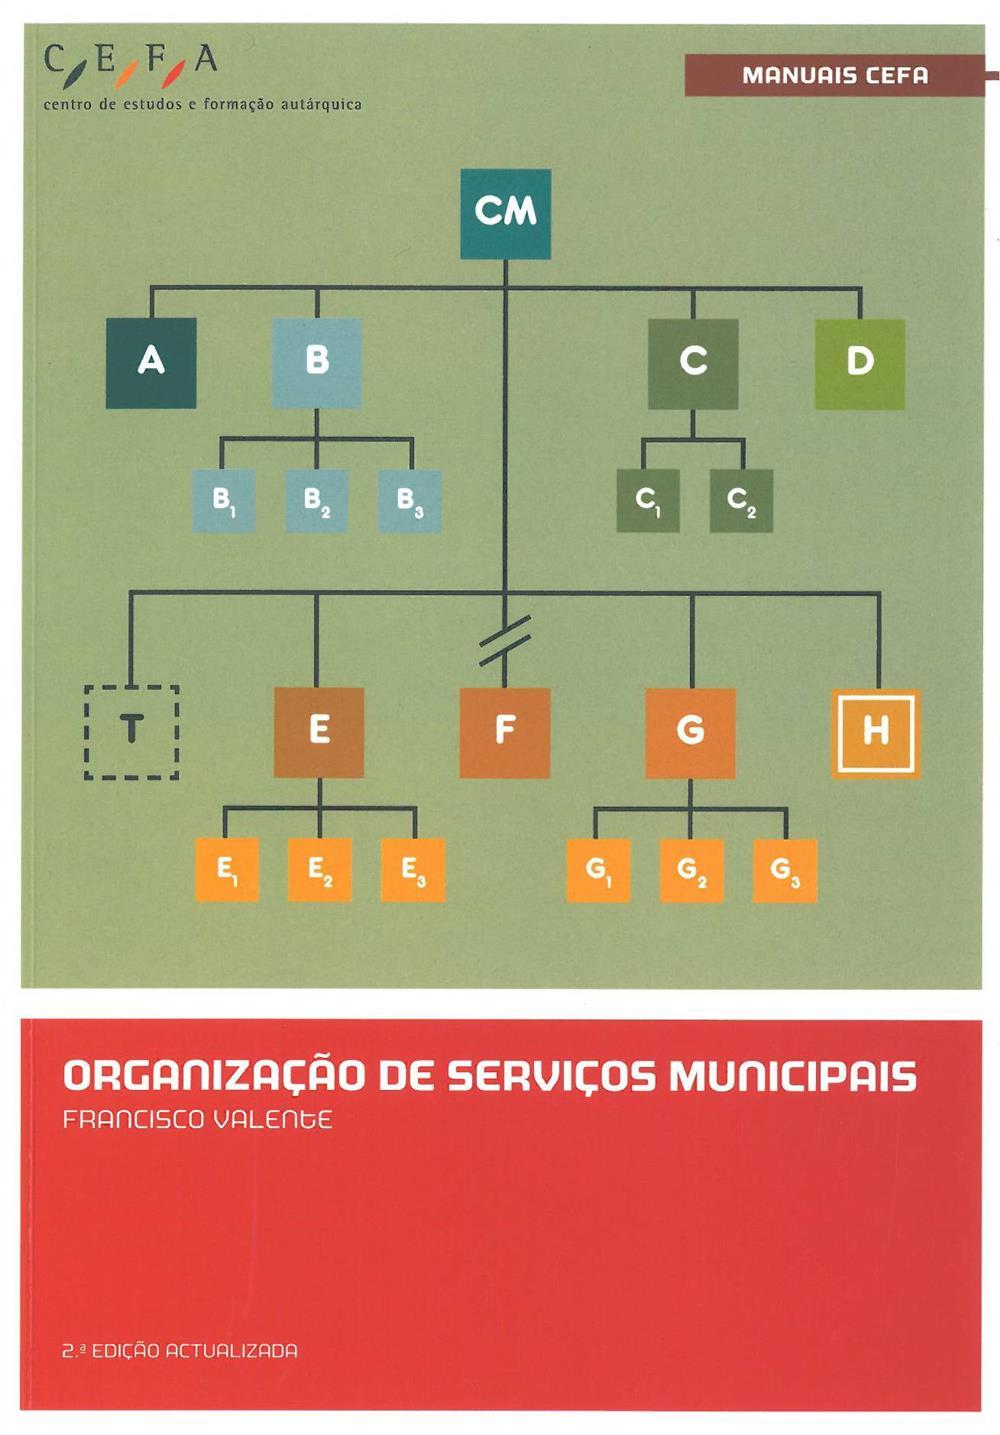 Organização de serviços municipais_.jpg